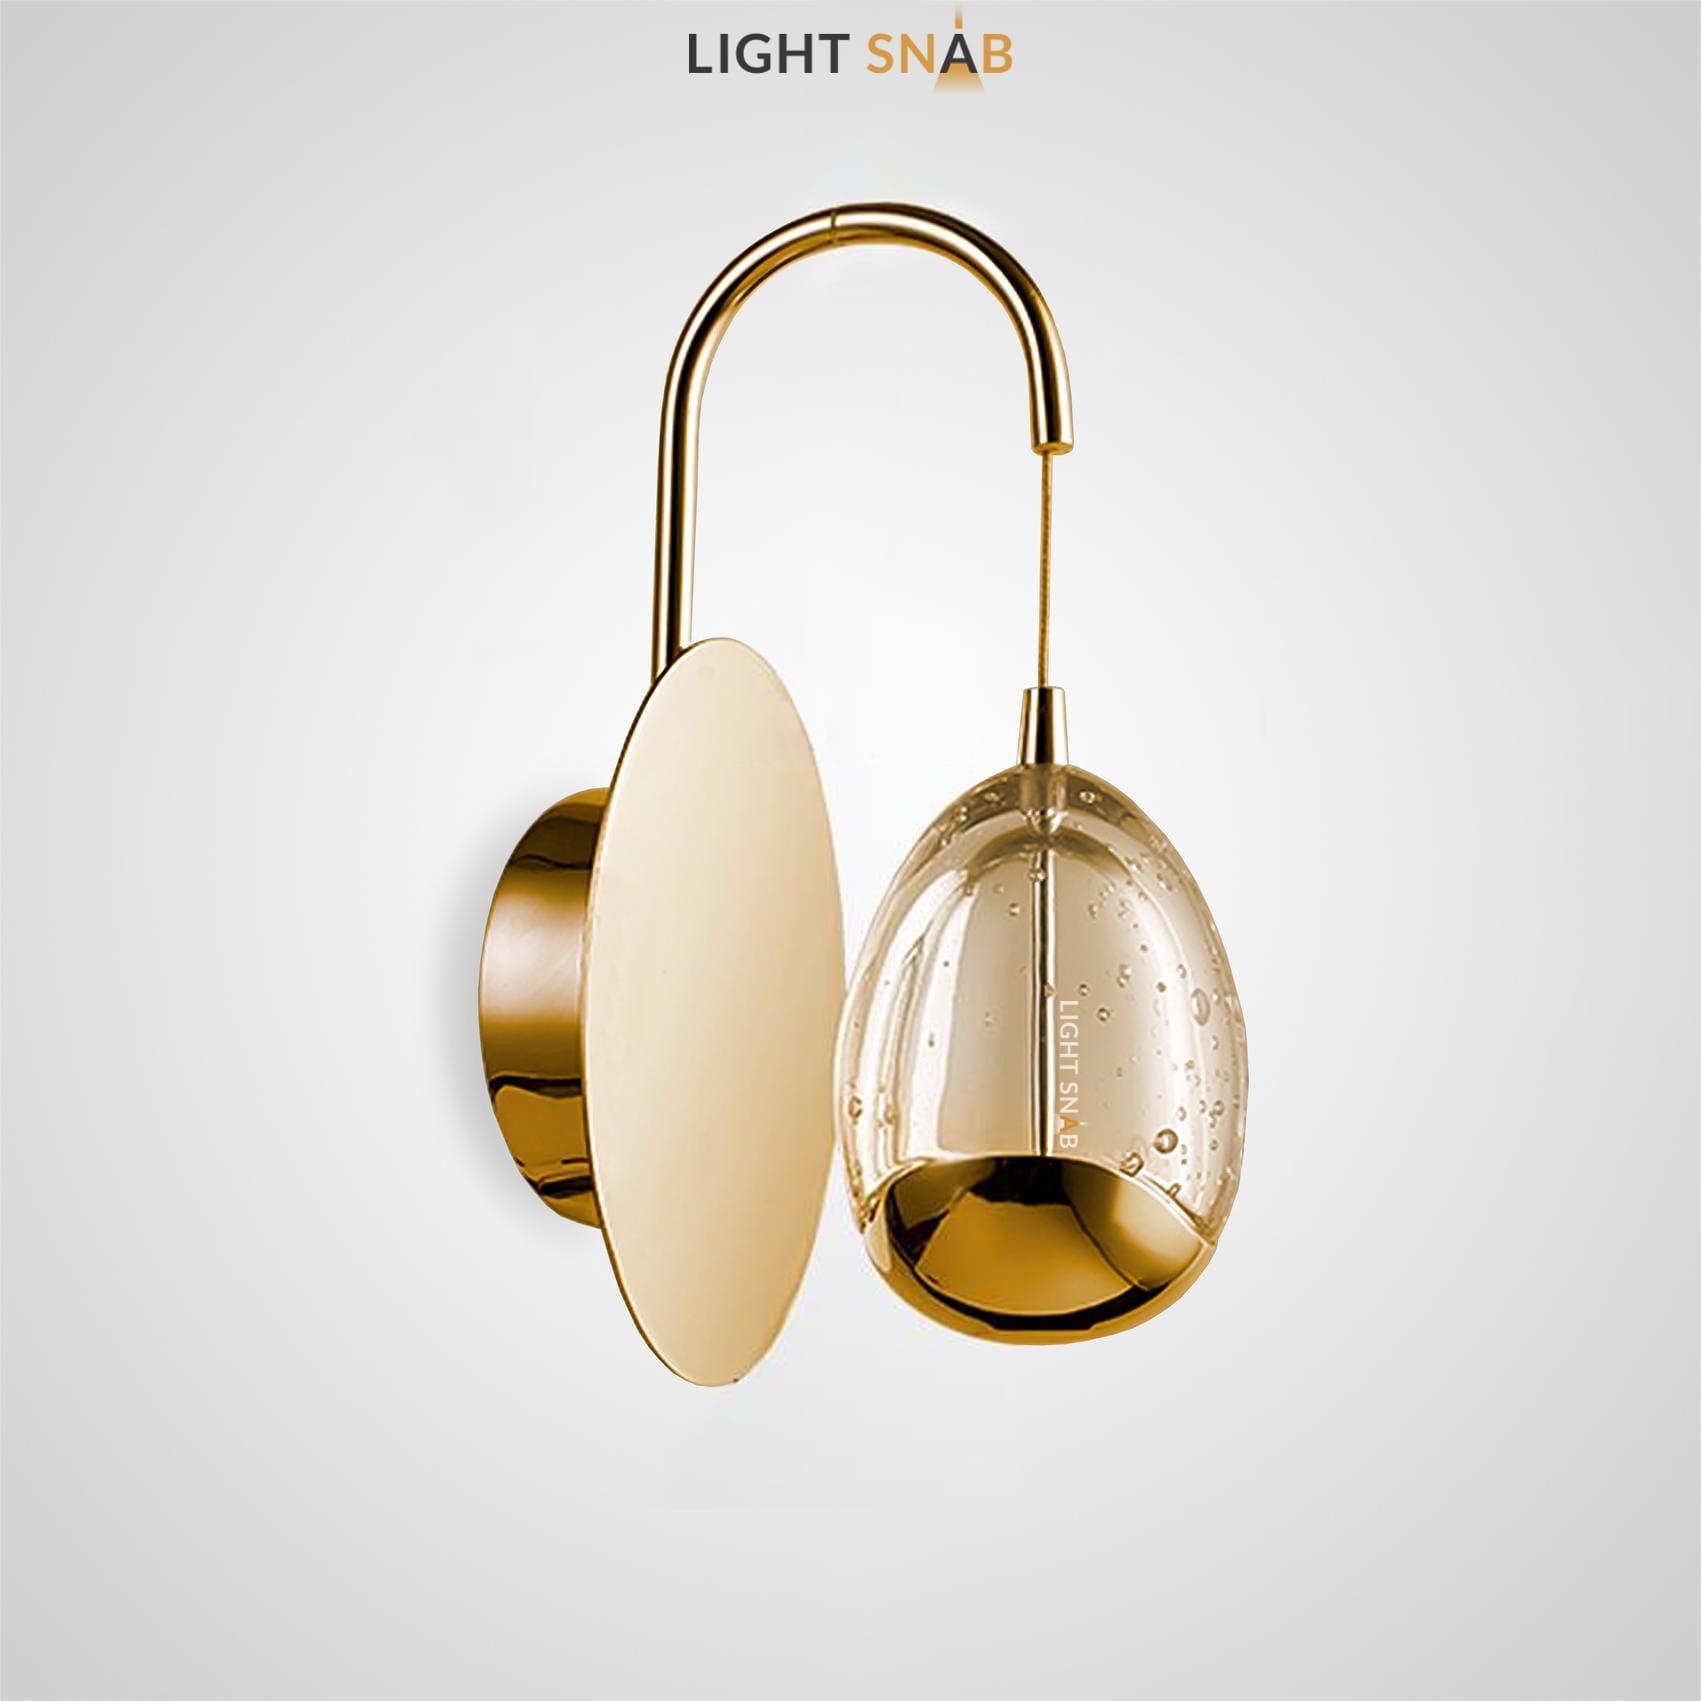 Настенный светодиодный светильник Lenita Wall цвет золото